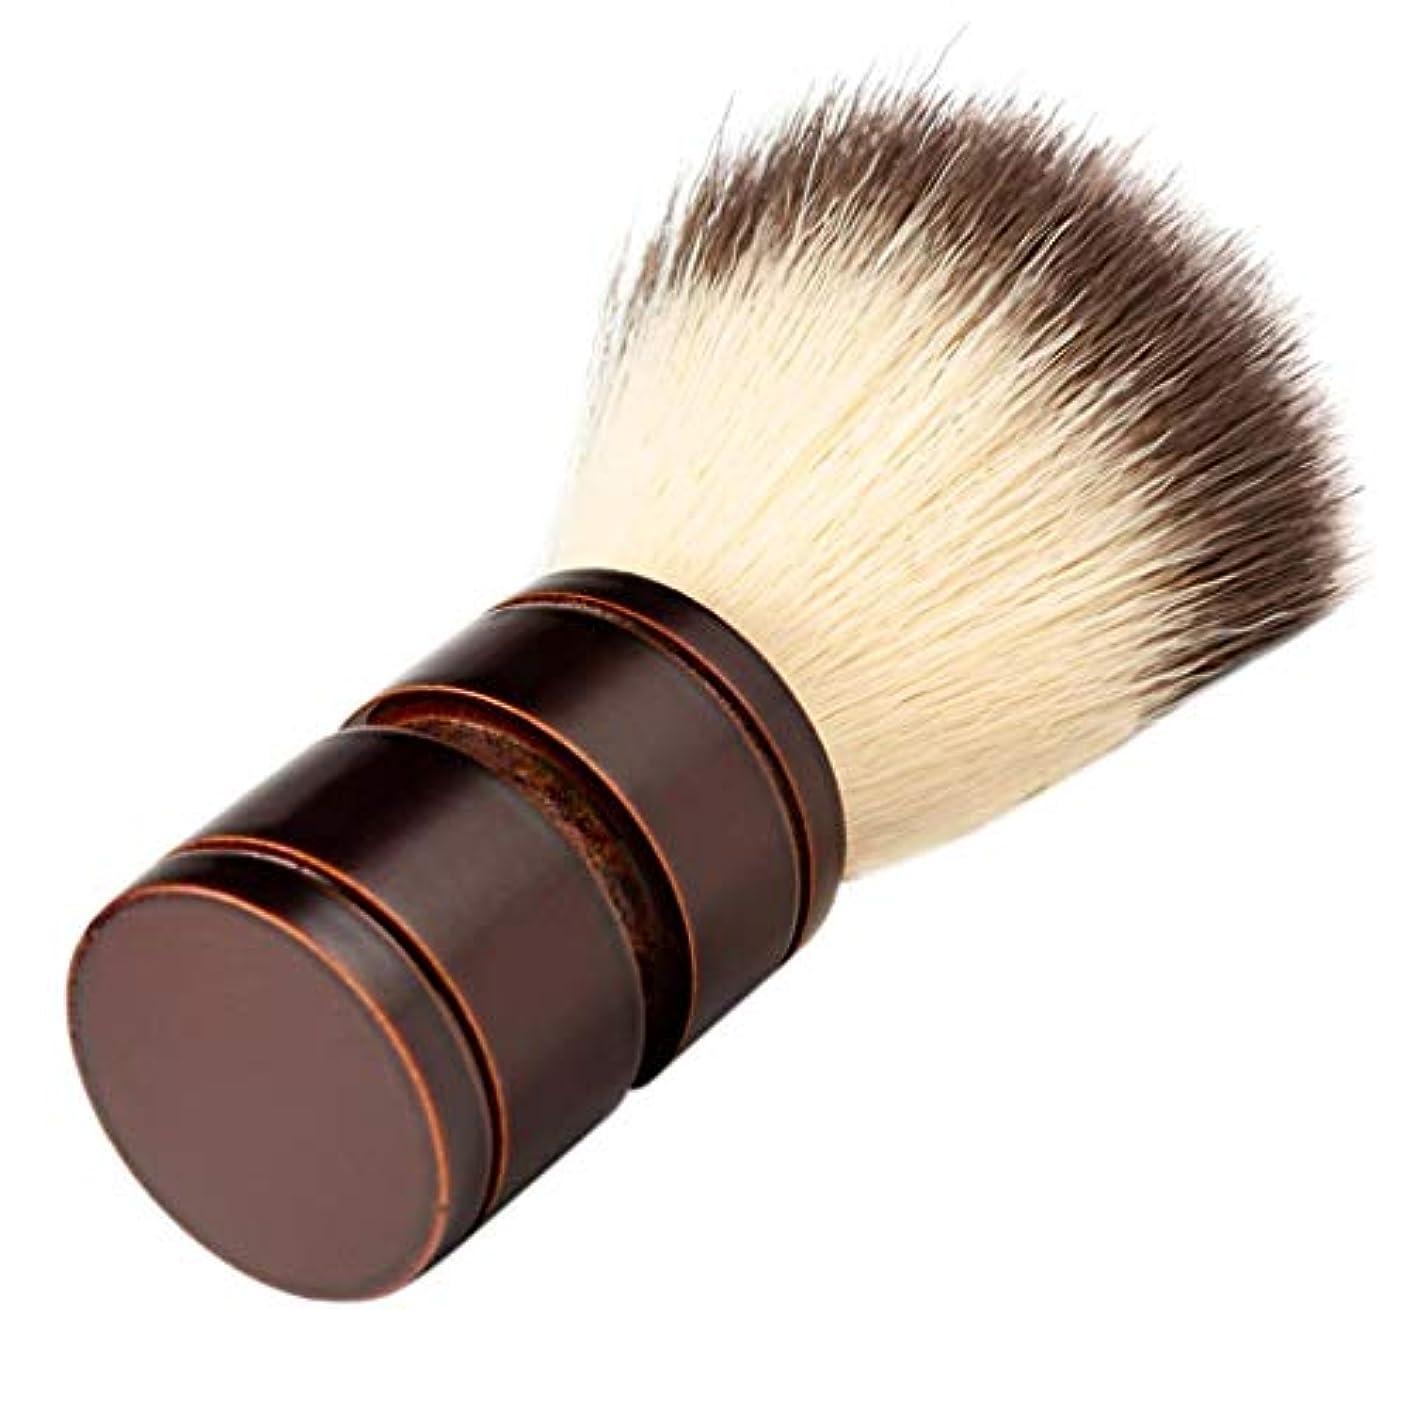 オーガニックしてはいけません変化ひげブラシ シェービングブラシ ひげ剃り 柔らかい 髭剃り 泡立ち 理容 美容ツール